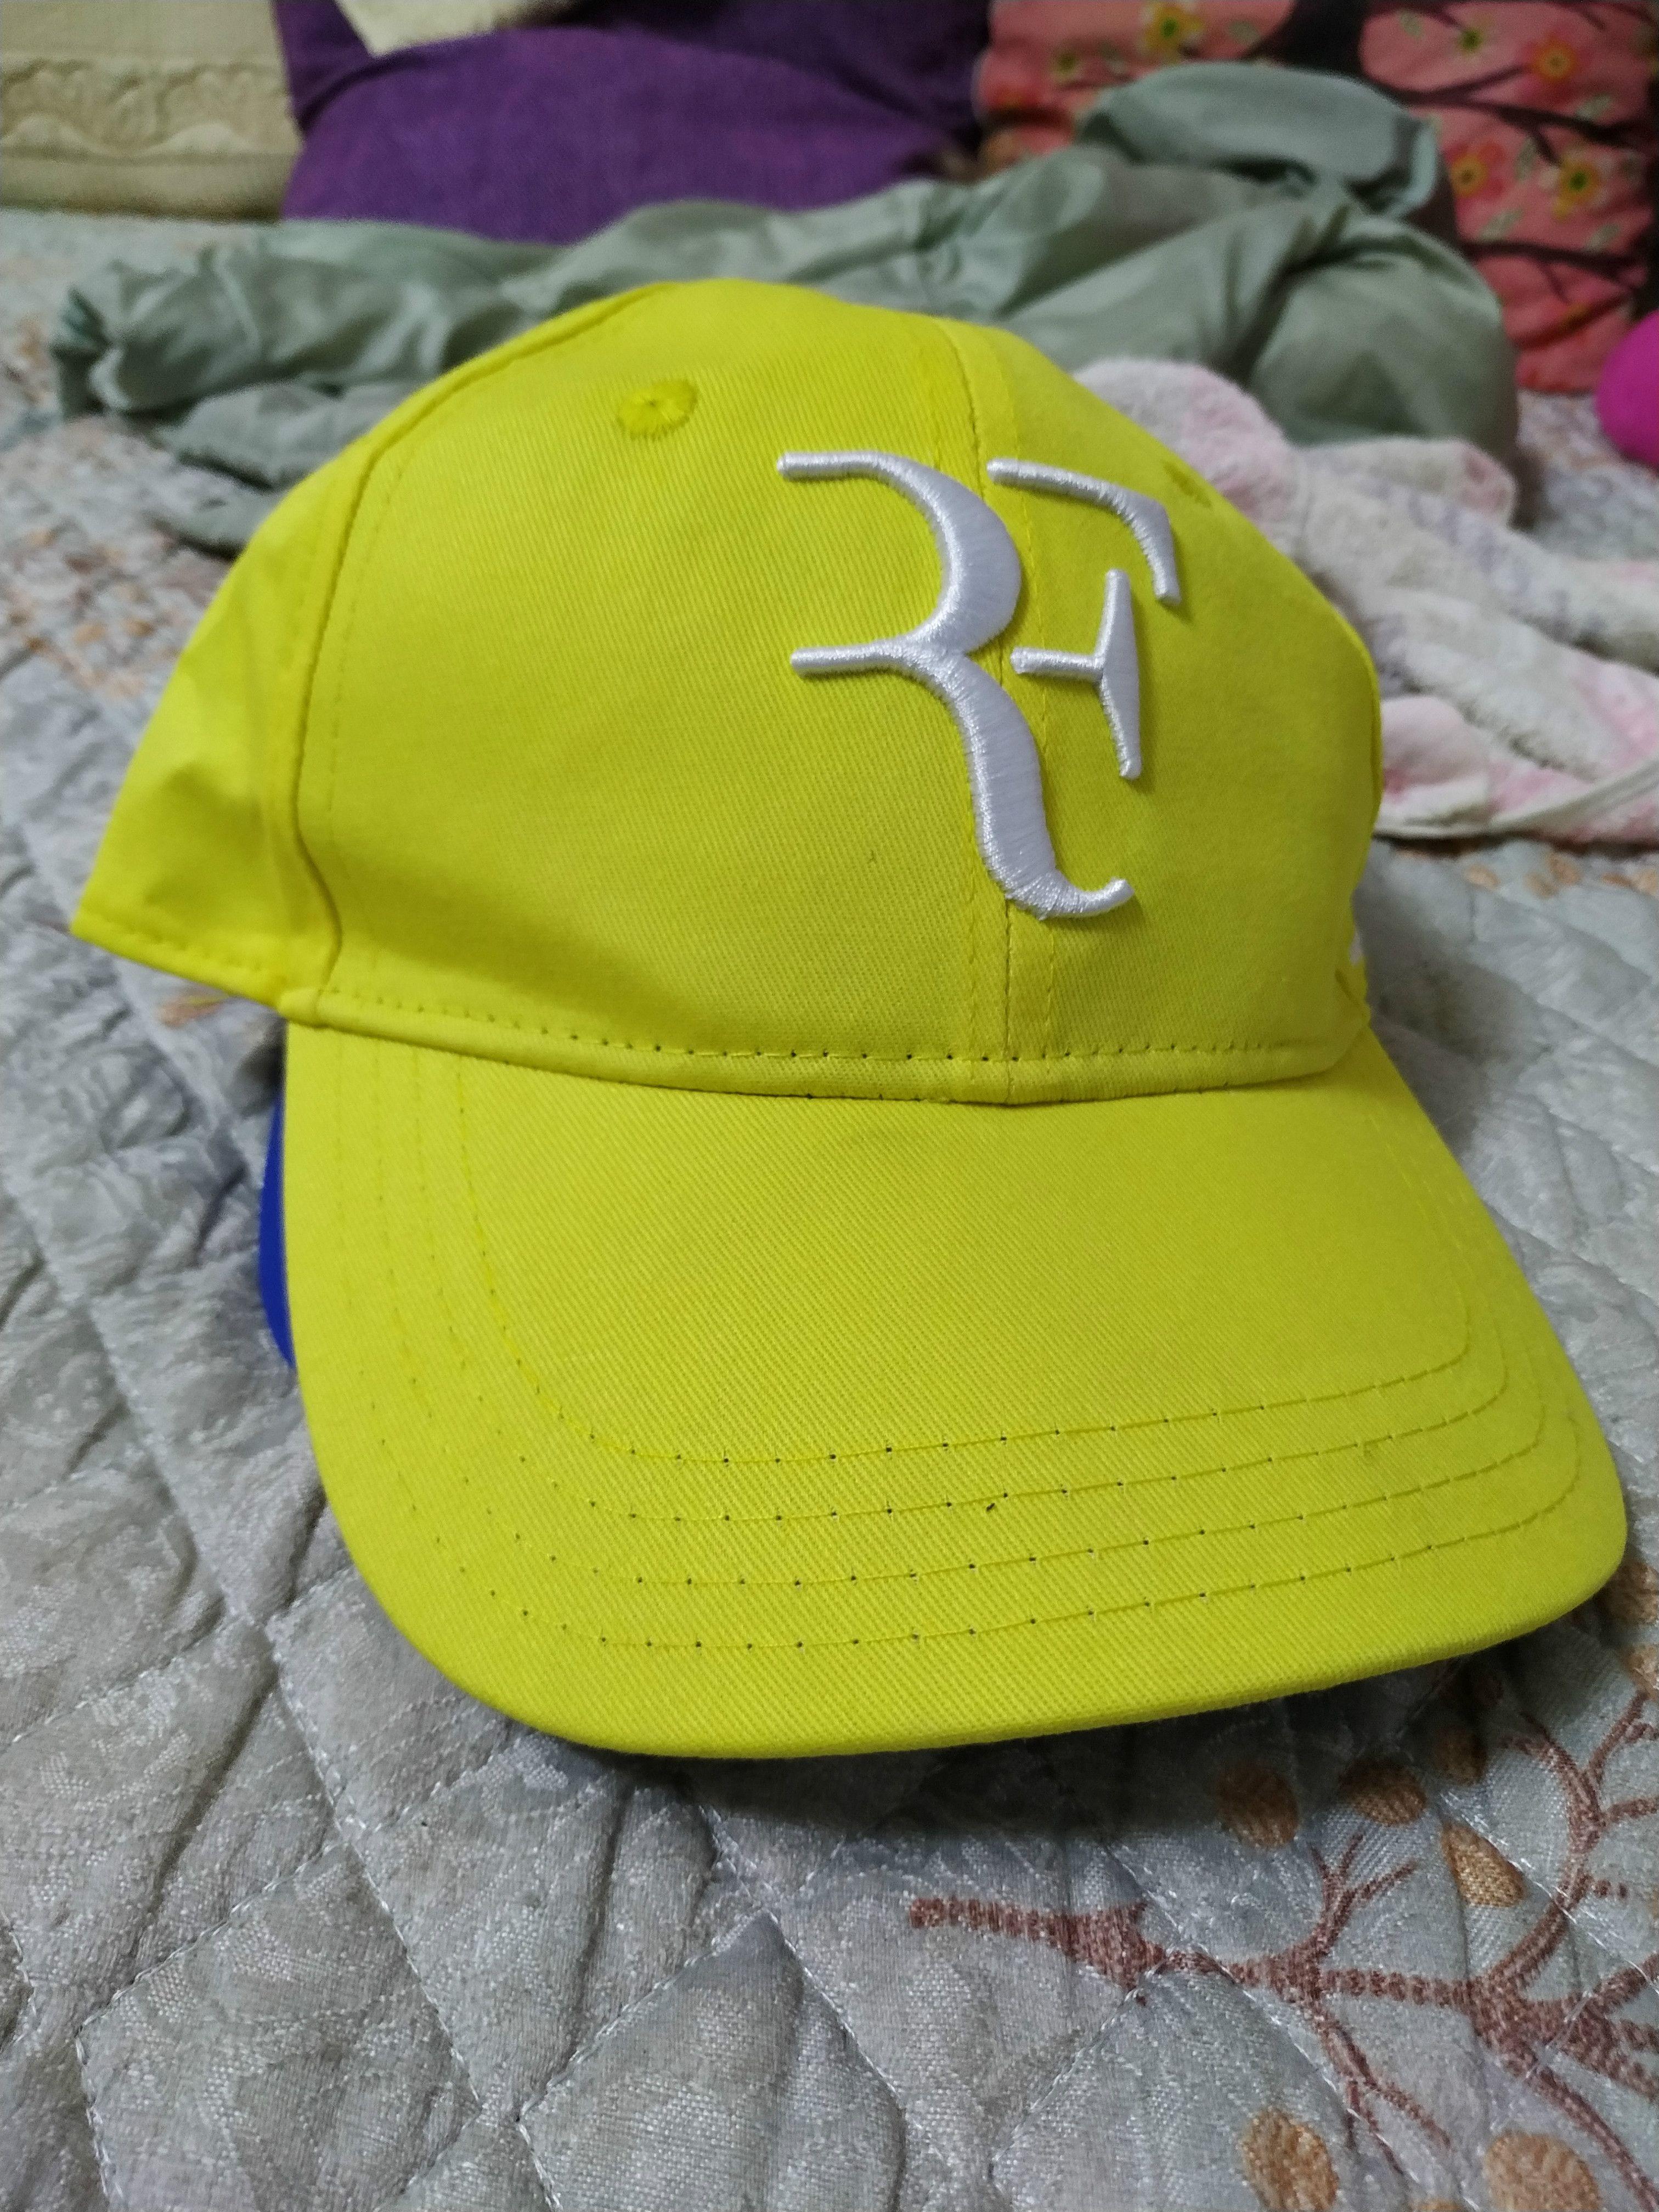 뜨거운! 도매 -2018 슈퍼 스타 한정판 최신 새로운 패션 테니스 우수한 품질 로저 페더러 RF 테니스 테니스 브랜드 모자 모자